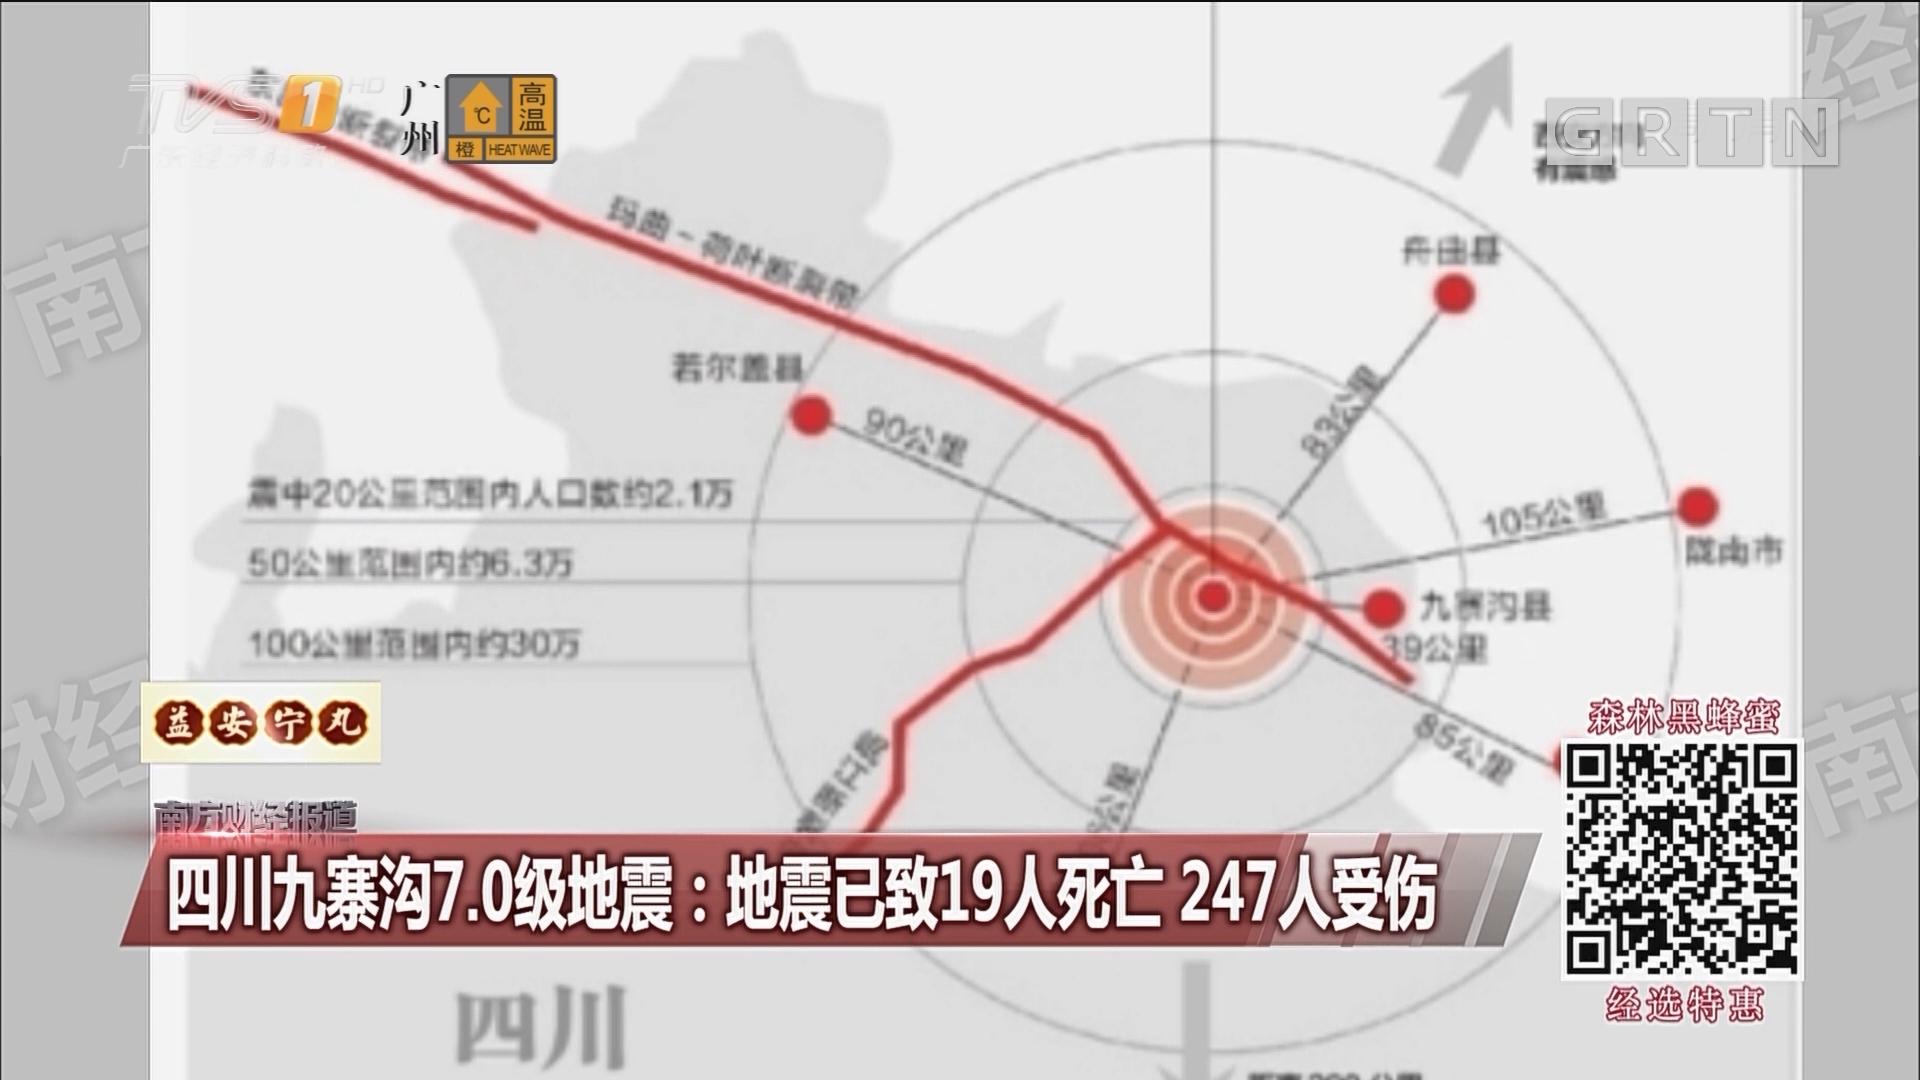 四川九寨沟7.0级地震:地震已致19人死亡 247人受伤